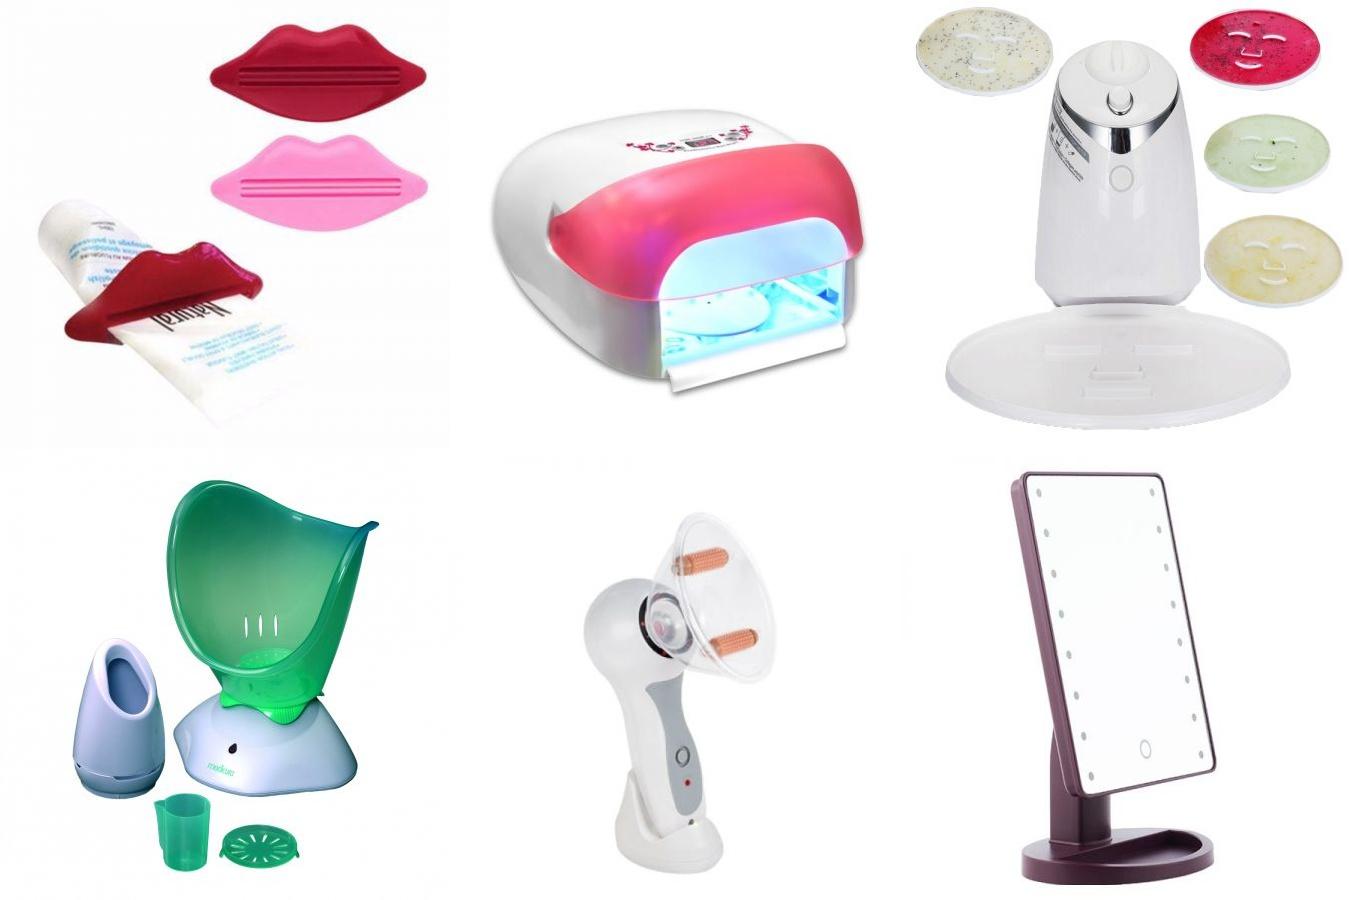 Beauty gadgeturi pe care le putem folosi acasă